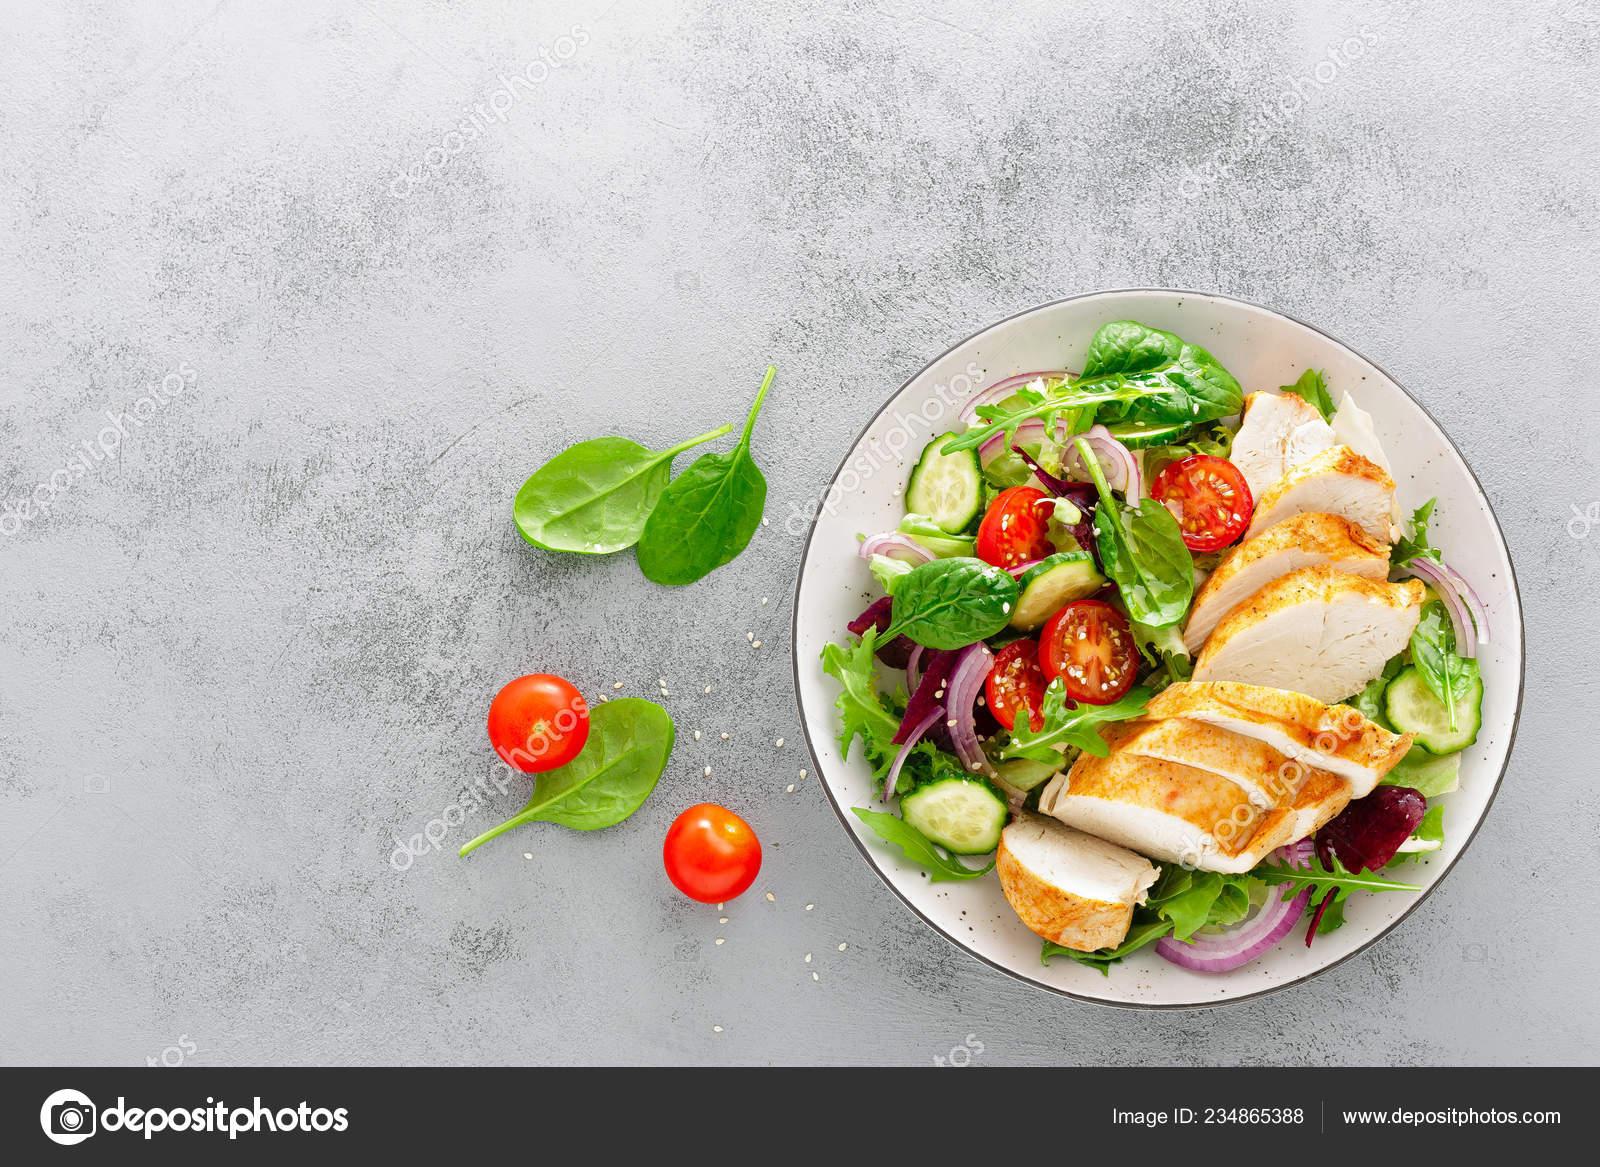 Dieta de pechuga y lechuga